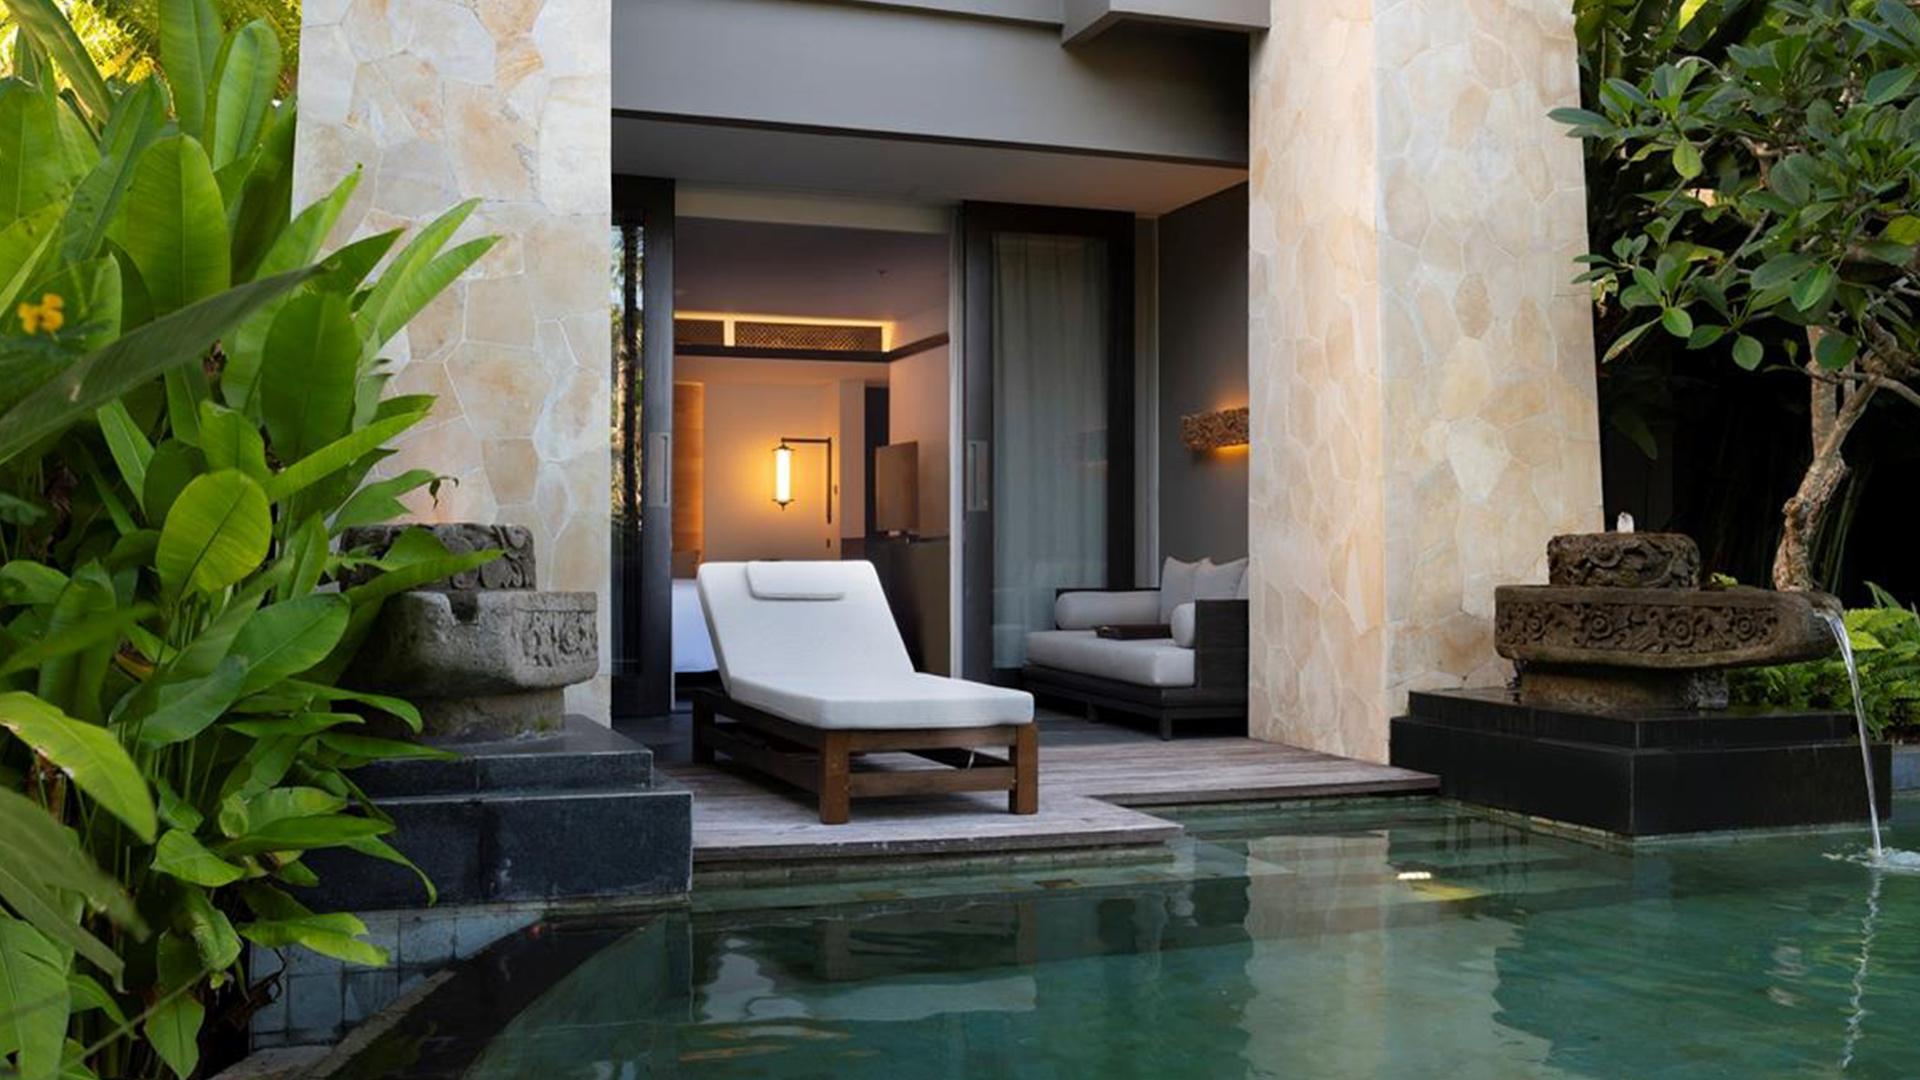 Grand Deluxe Lagoon Room image 1 at The Apurva Kempinski Bali by Kabupaten Badung, Bali, Indonesia